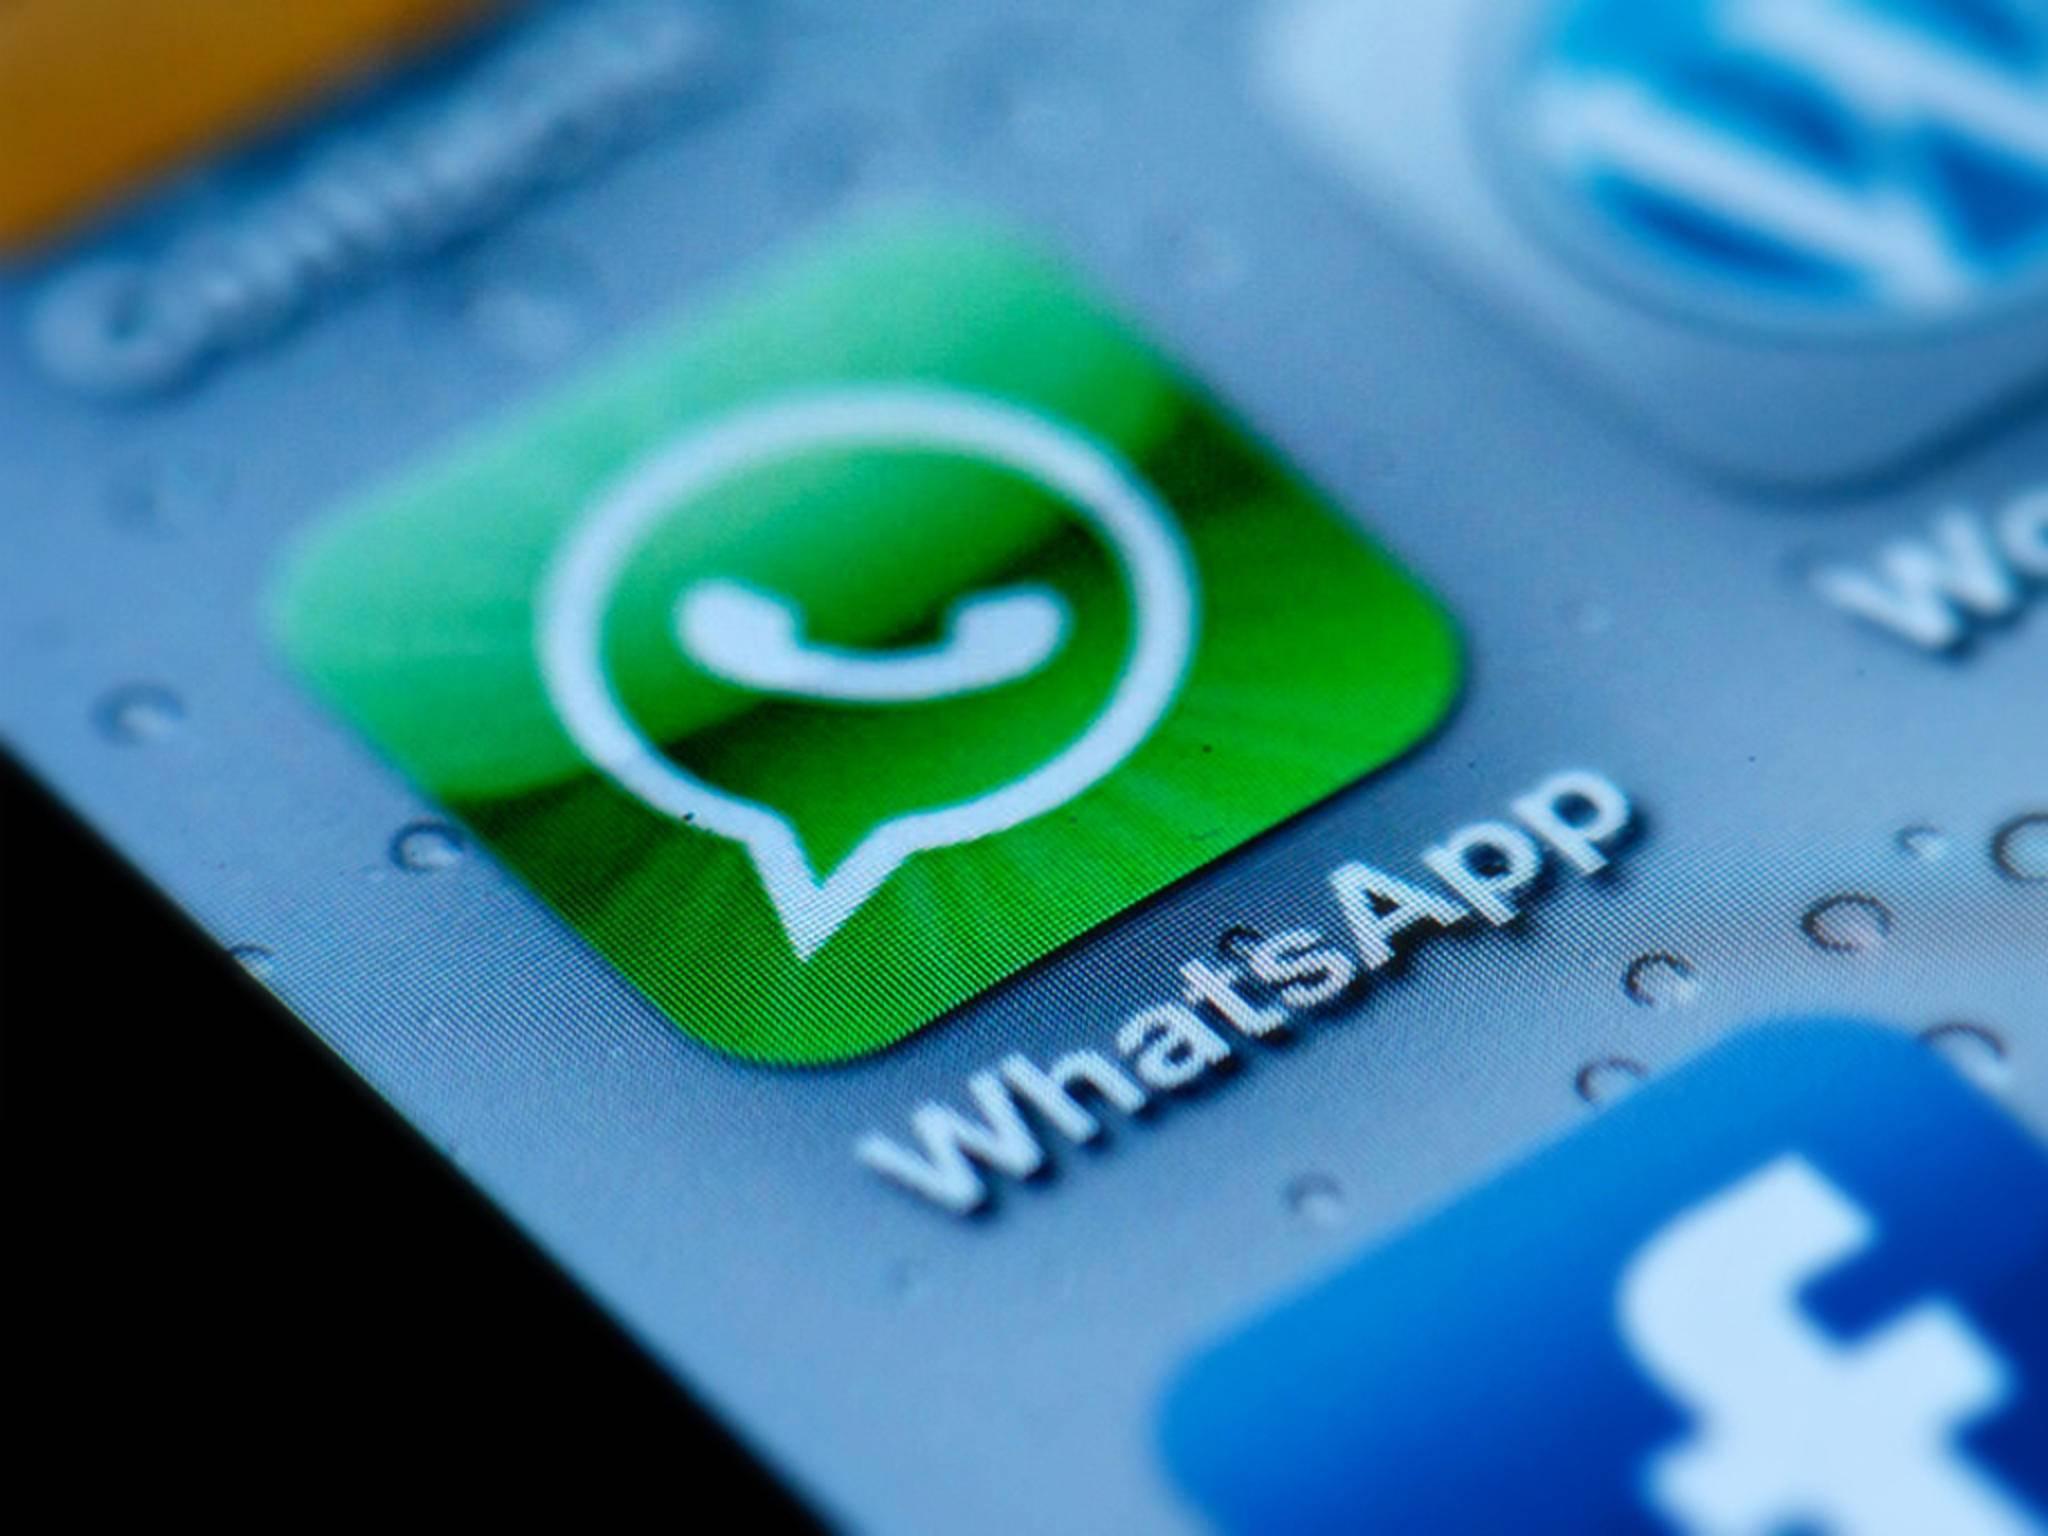 Der britische Premier David Cameron will WhatsApp und Co. stärker überwachen.